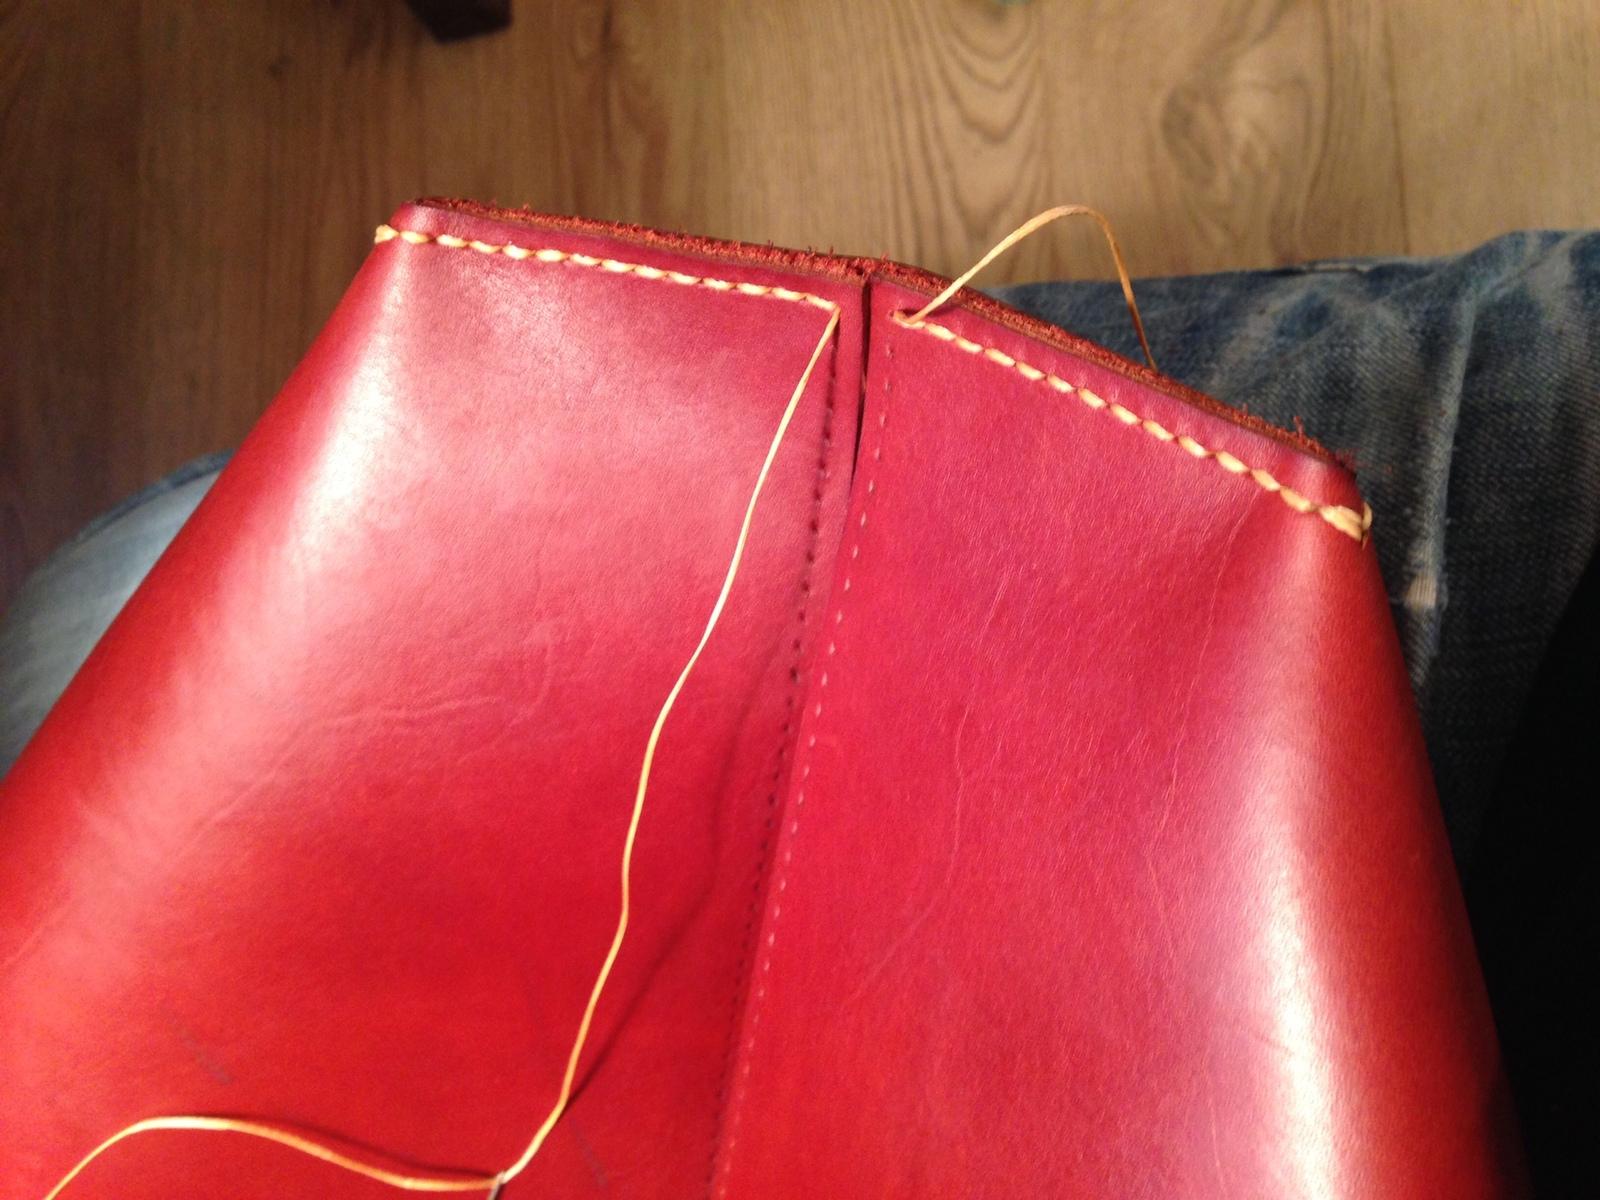 b741507c9f0b Женская кожаная сумка своими руками Изделия из кожи, Кожевенное ремесло,  Мастер-Класс,